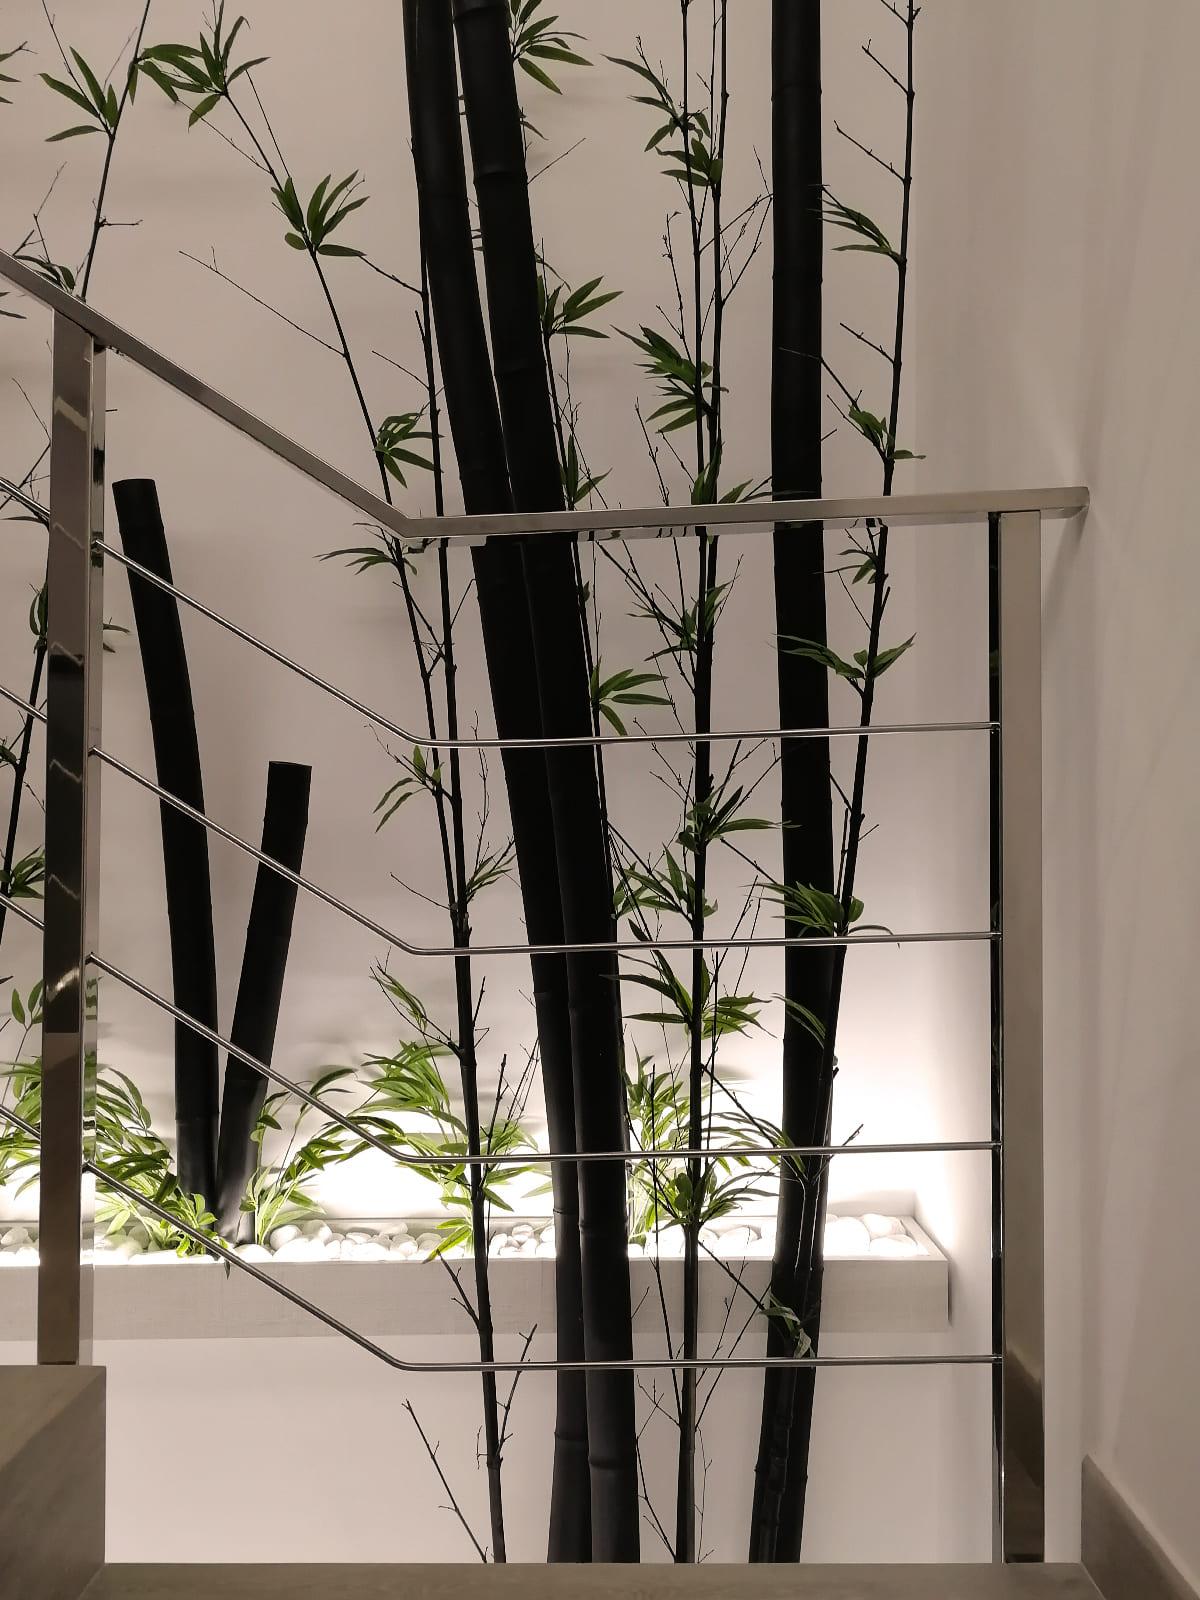 diseño-interiores-entrada-vivienda-escalera-bambu-JM-06_HIDROJARDIN-Bañeres